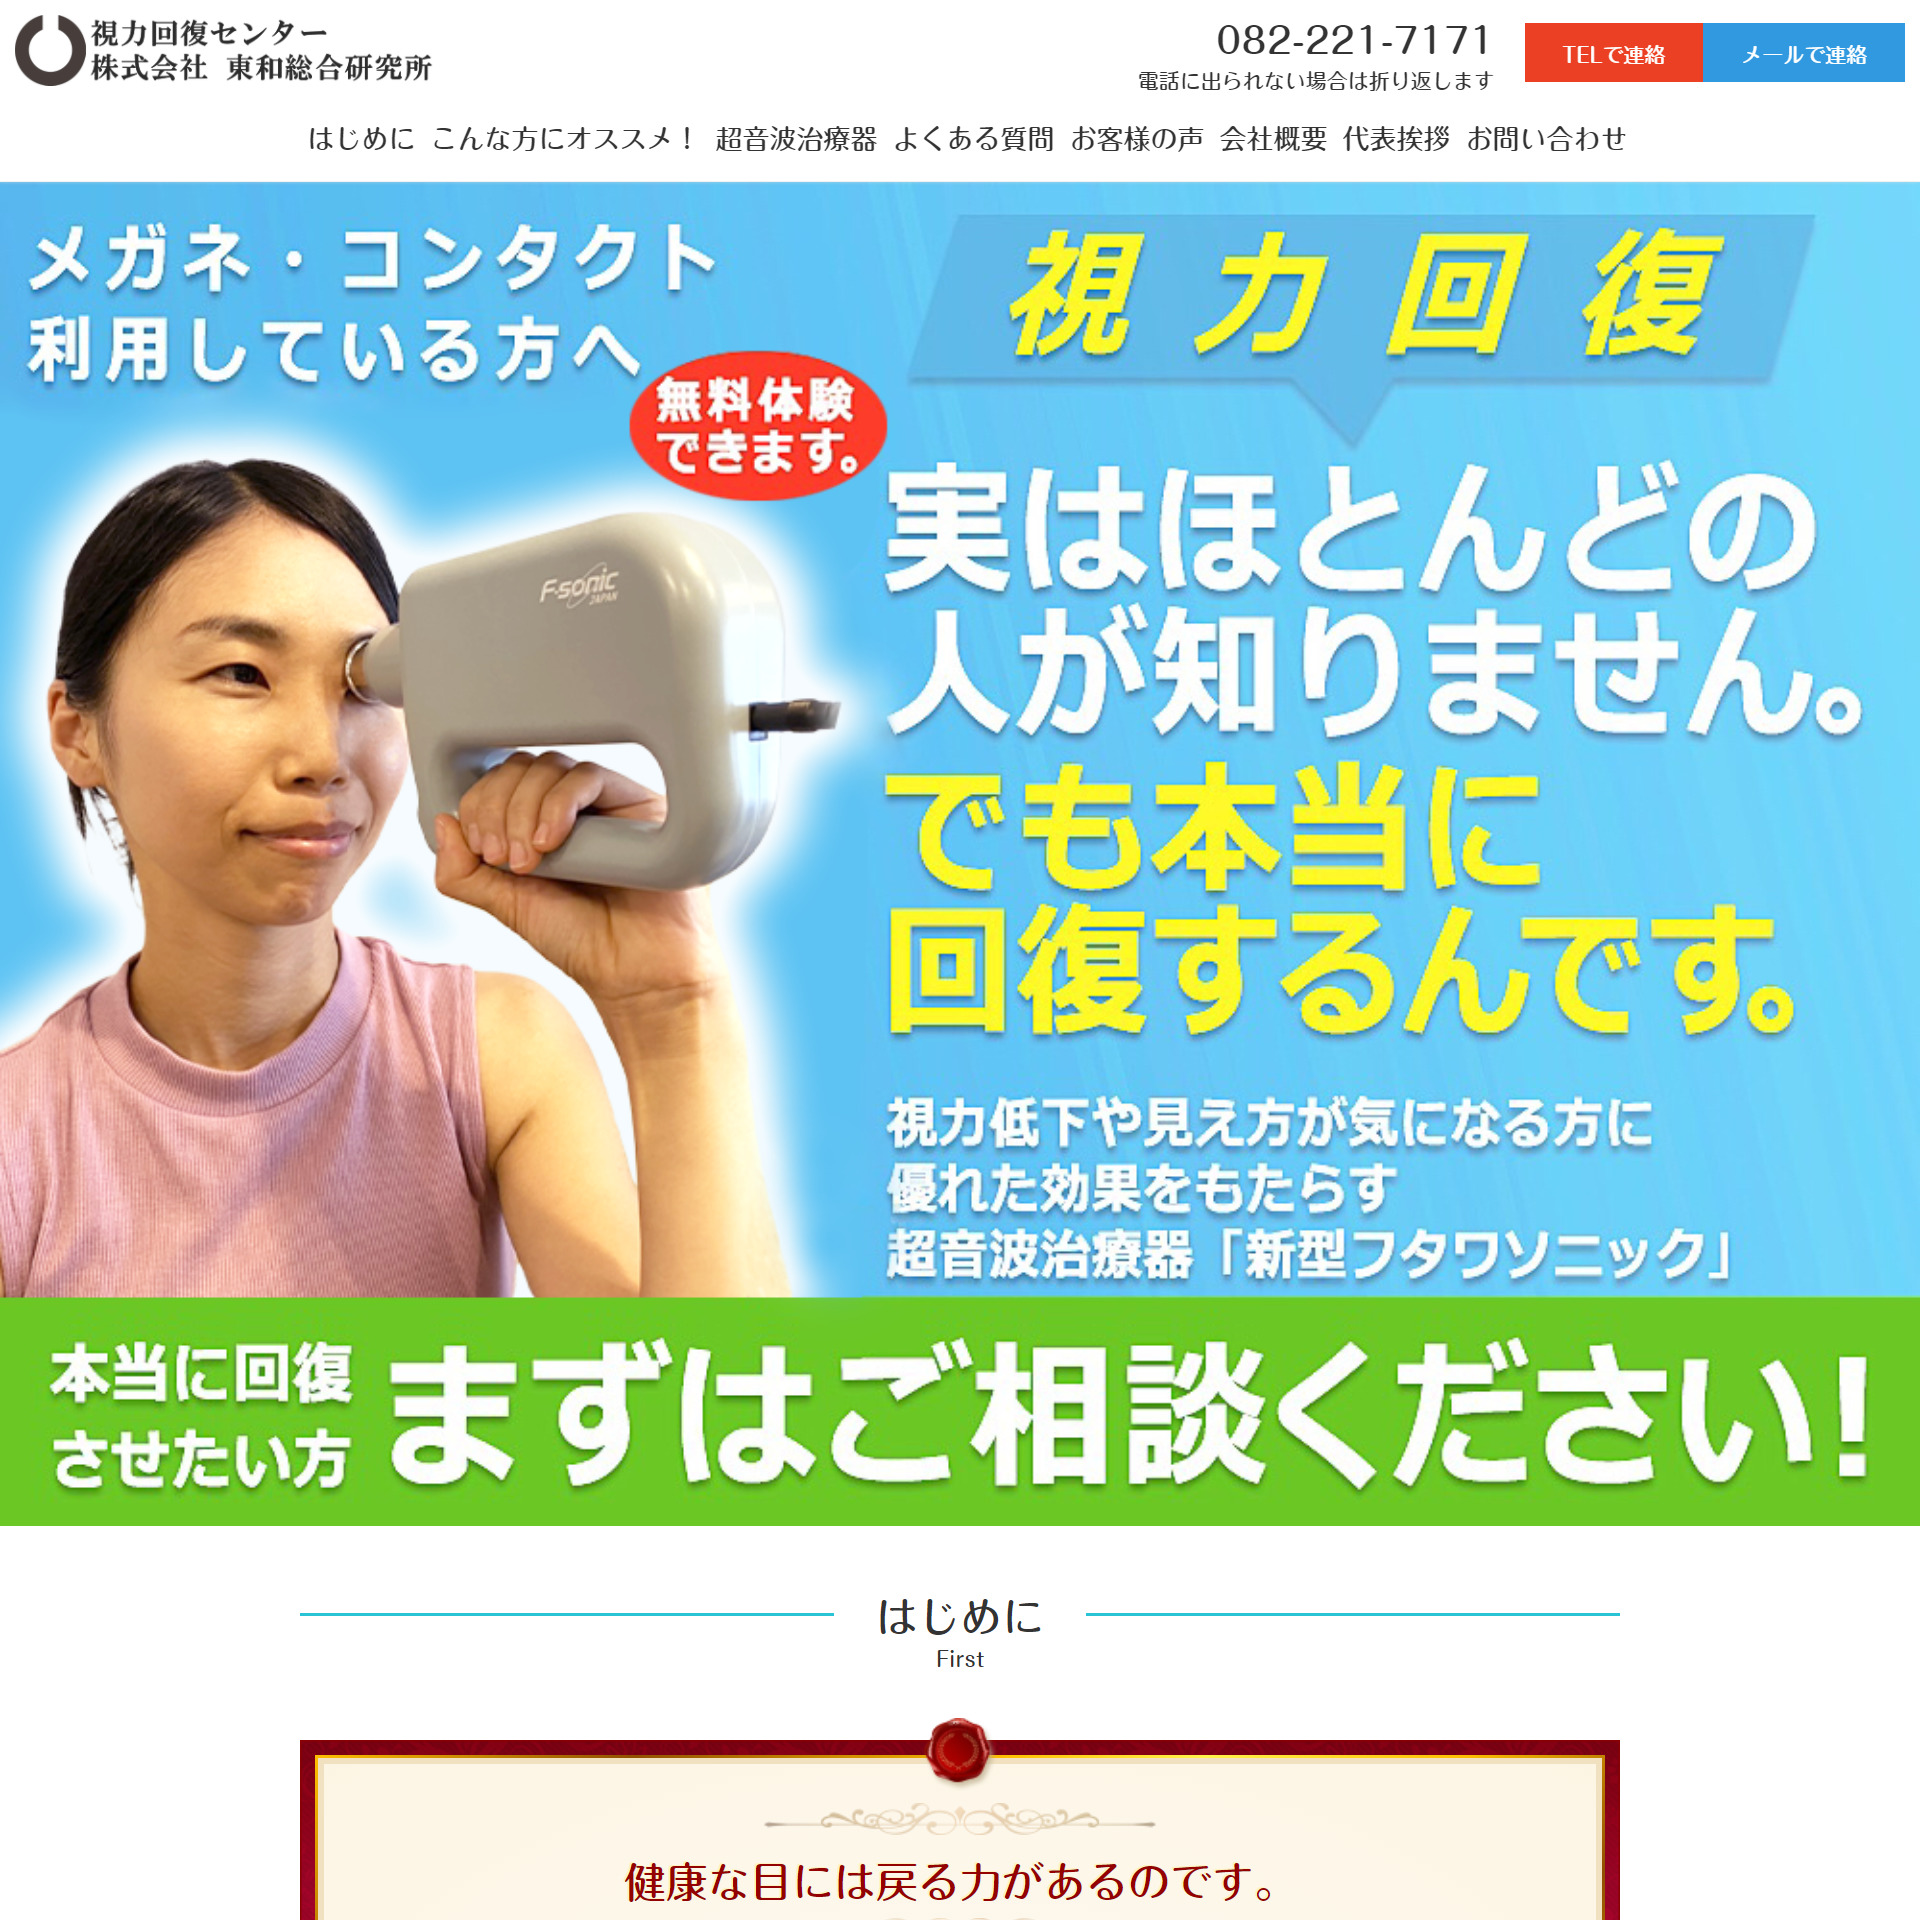 広島 視力回復・視力改善の超音波治療器『フタワソニック』